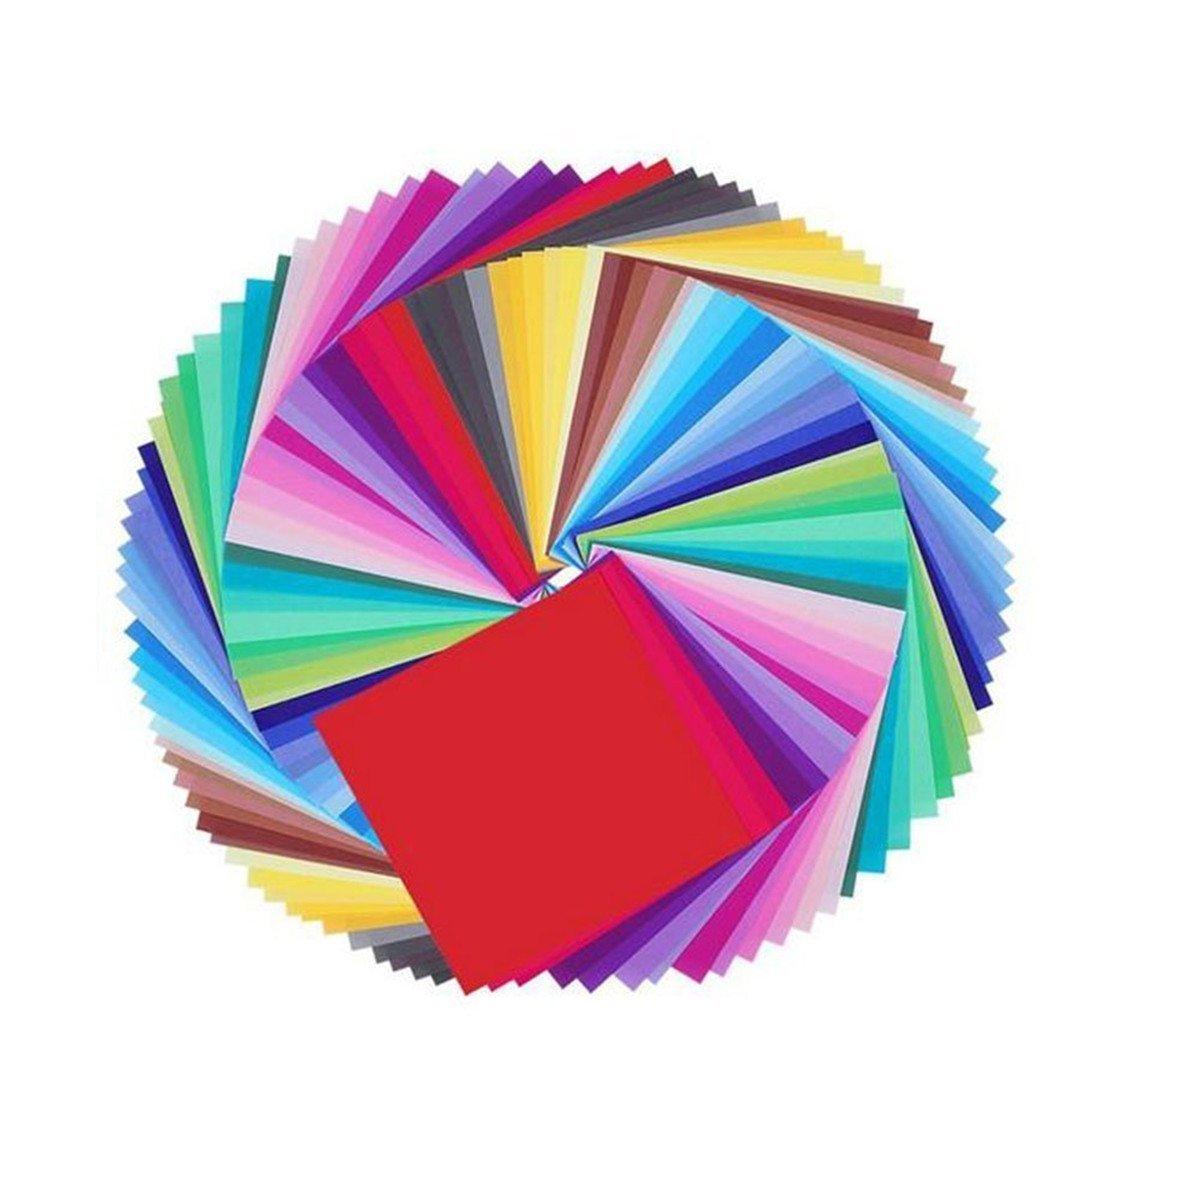 50 fogli di Carta per origami colori assortiti WeiMay Carta per origami 15 x 15cm per progetti artistici e creativi